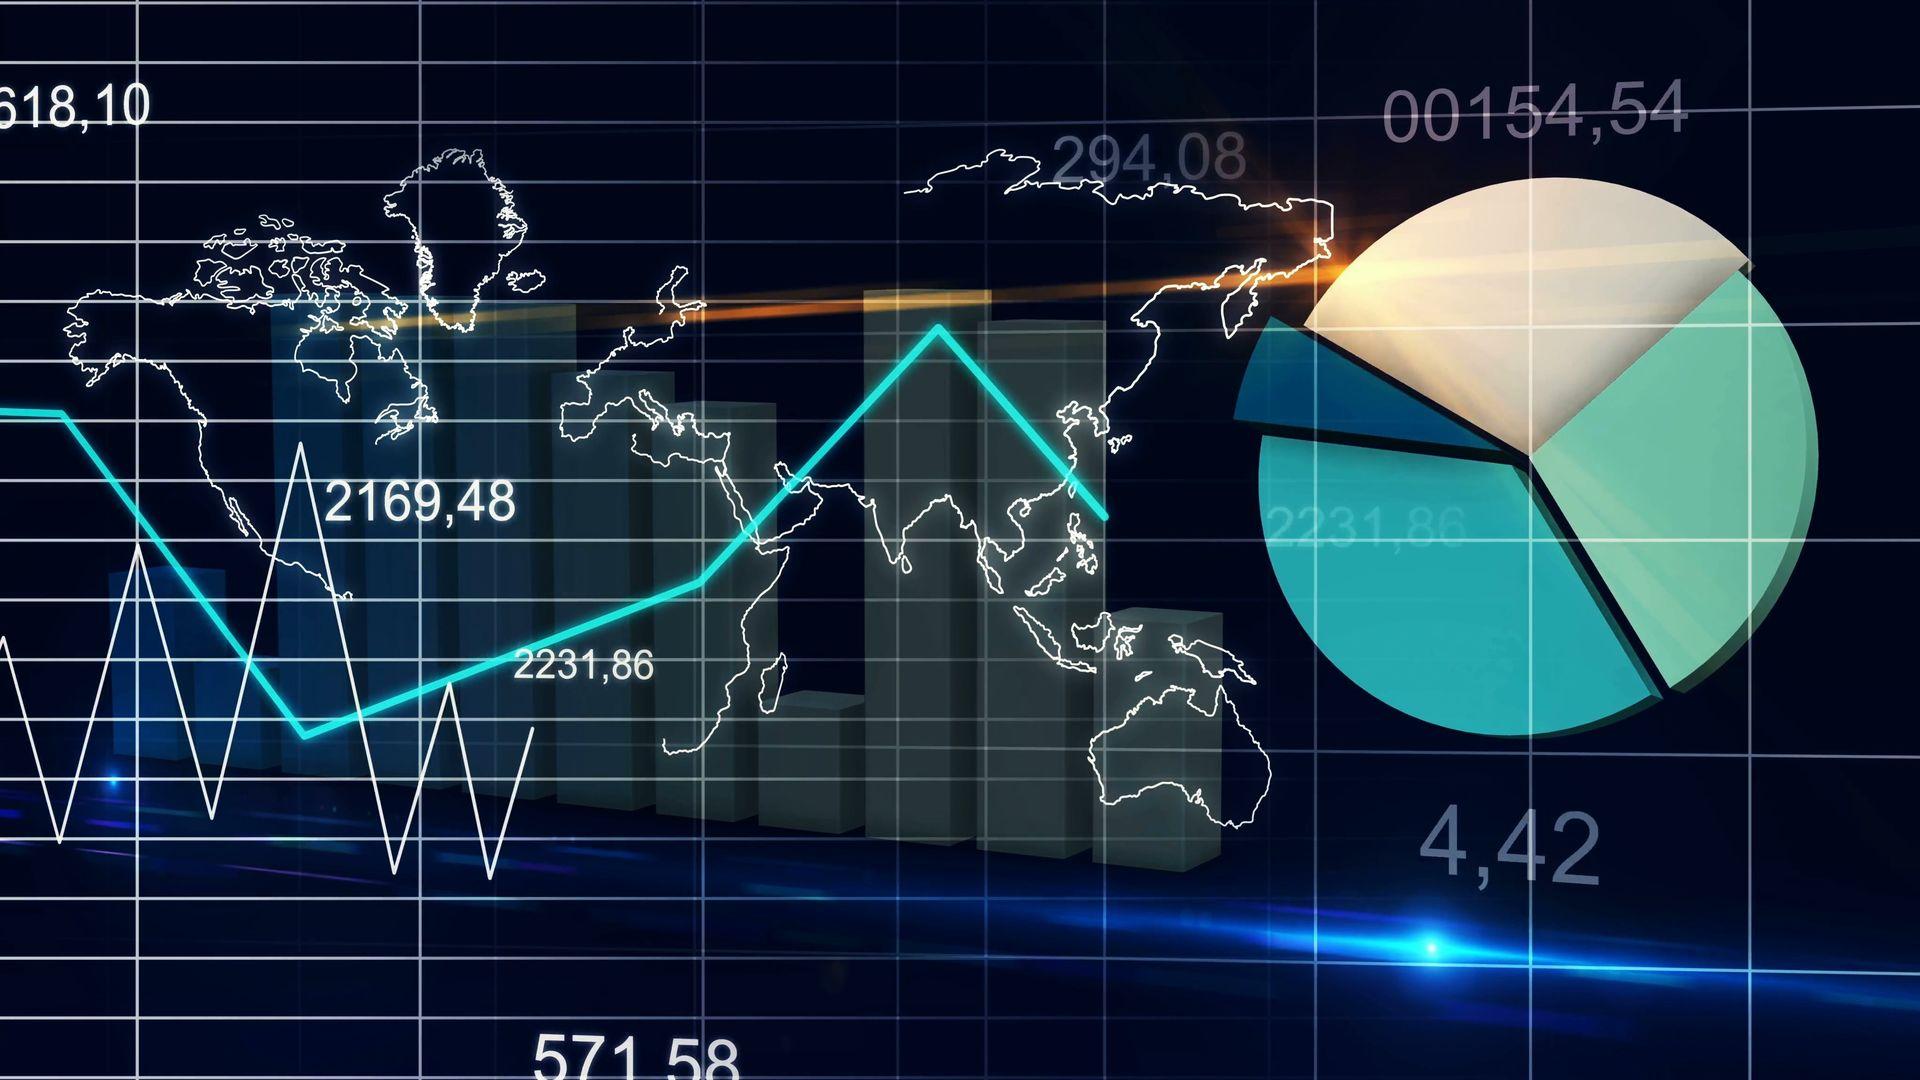 world-map-statistic-data-graph-dark-blue-loop-finance-background-4k_eynur3pz__f0000-finance